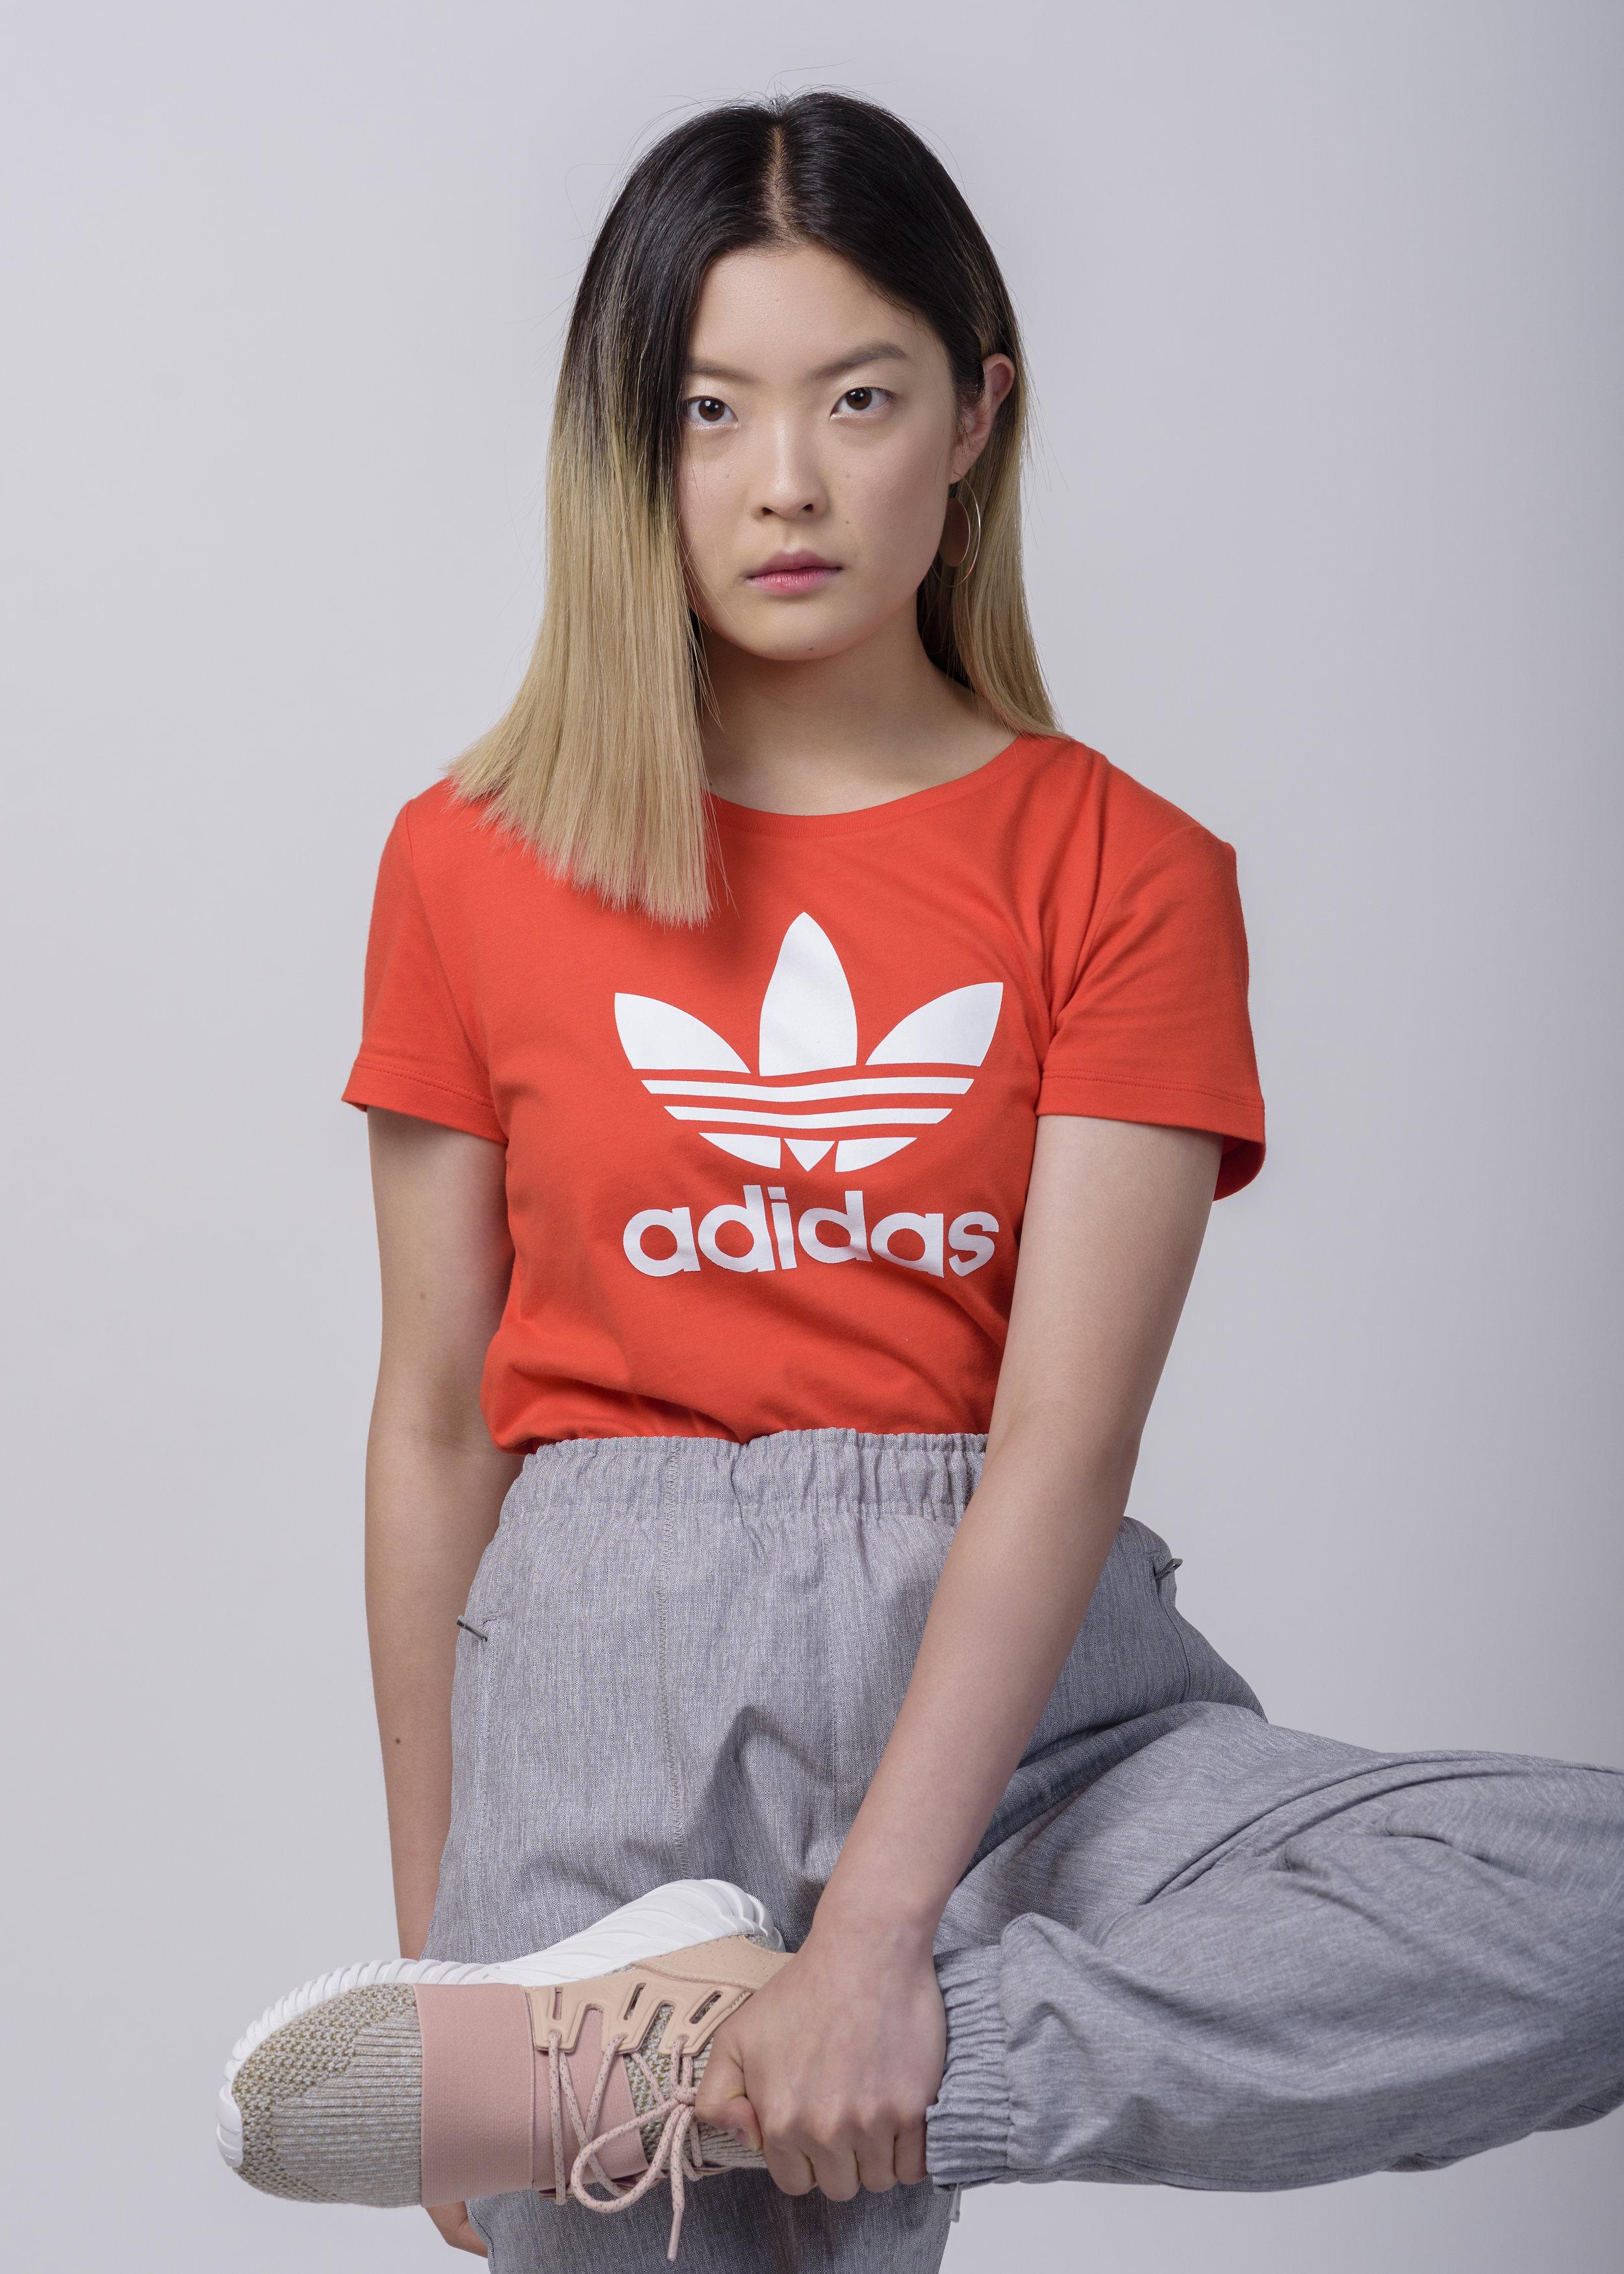 Adidas1_HeatherLighton.jpg